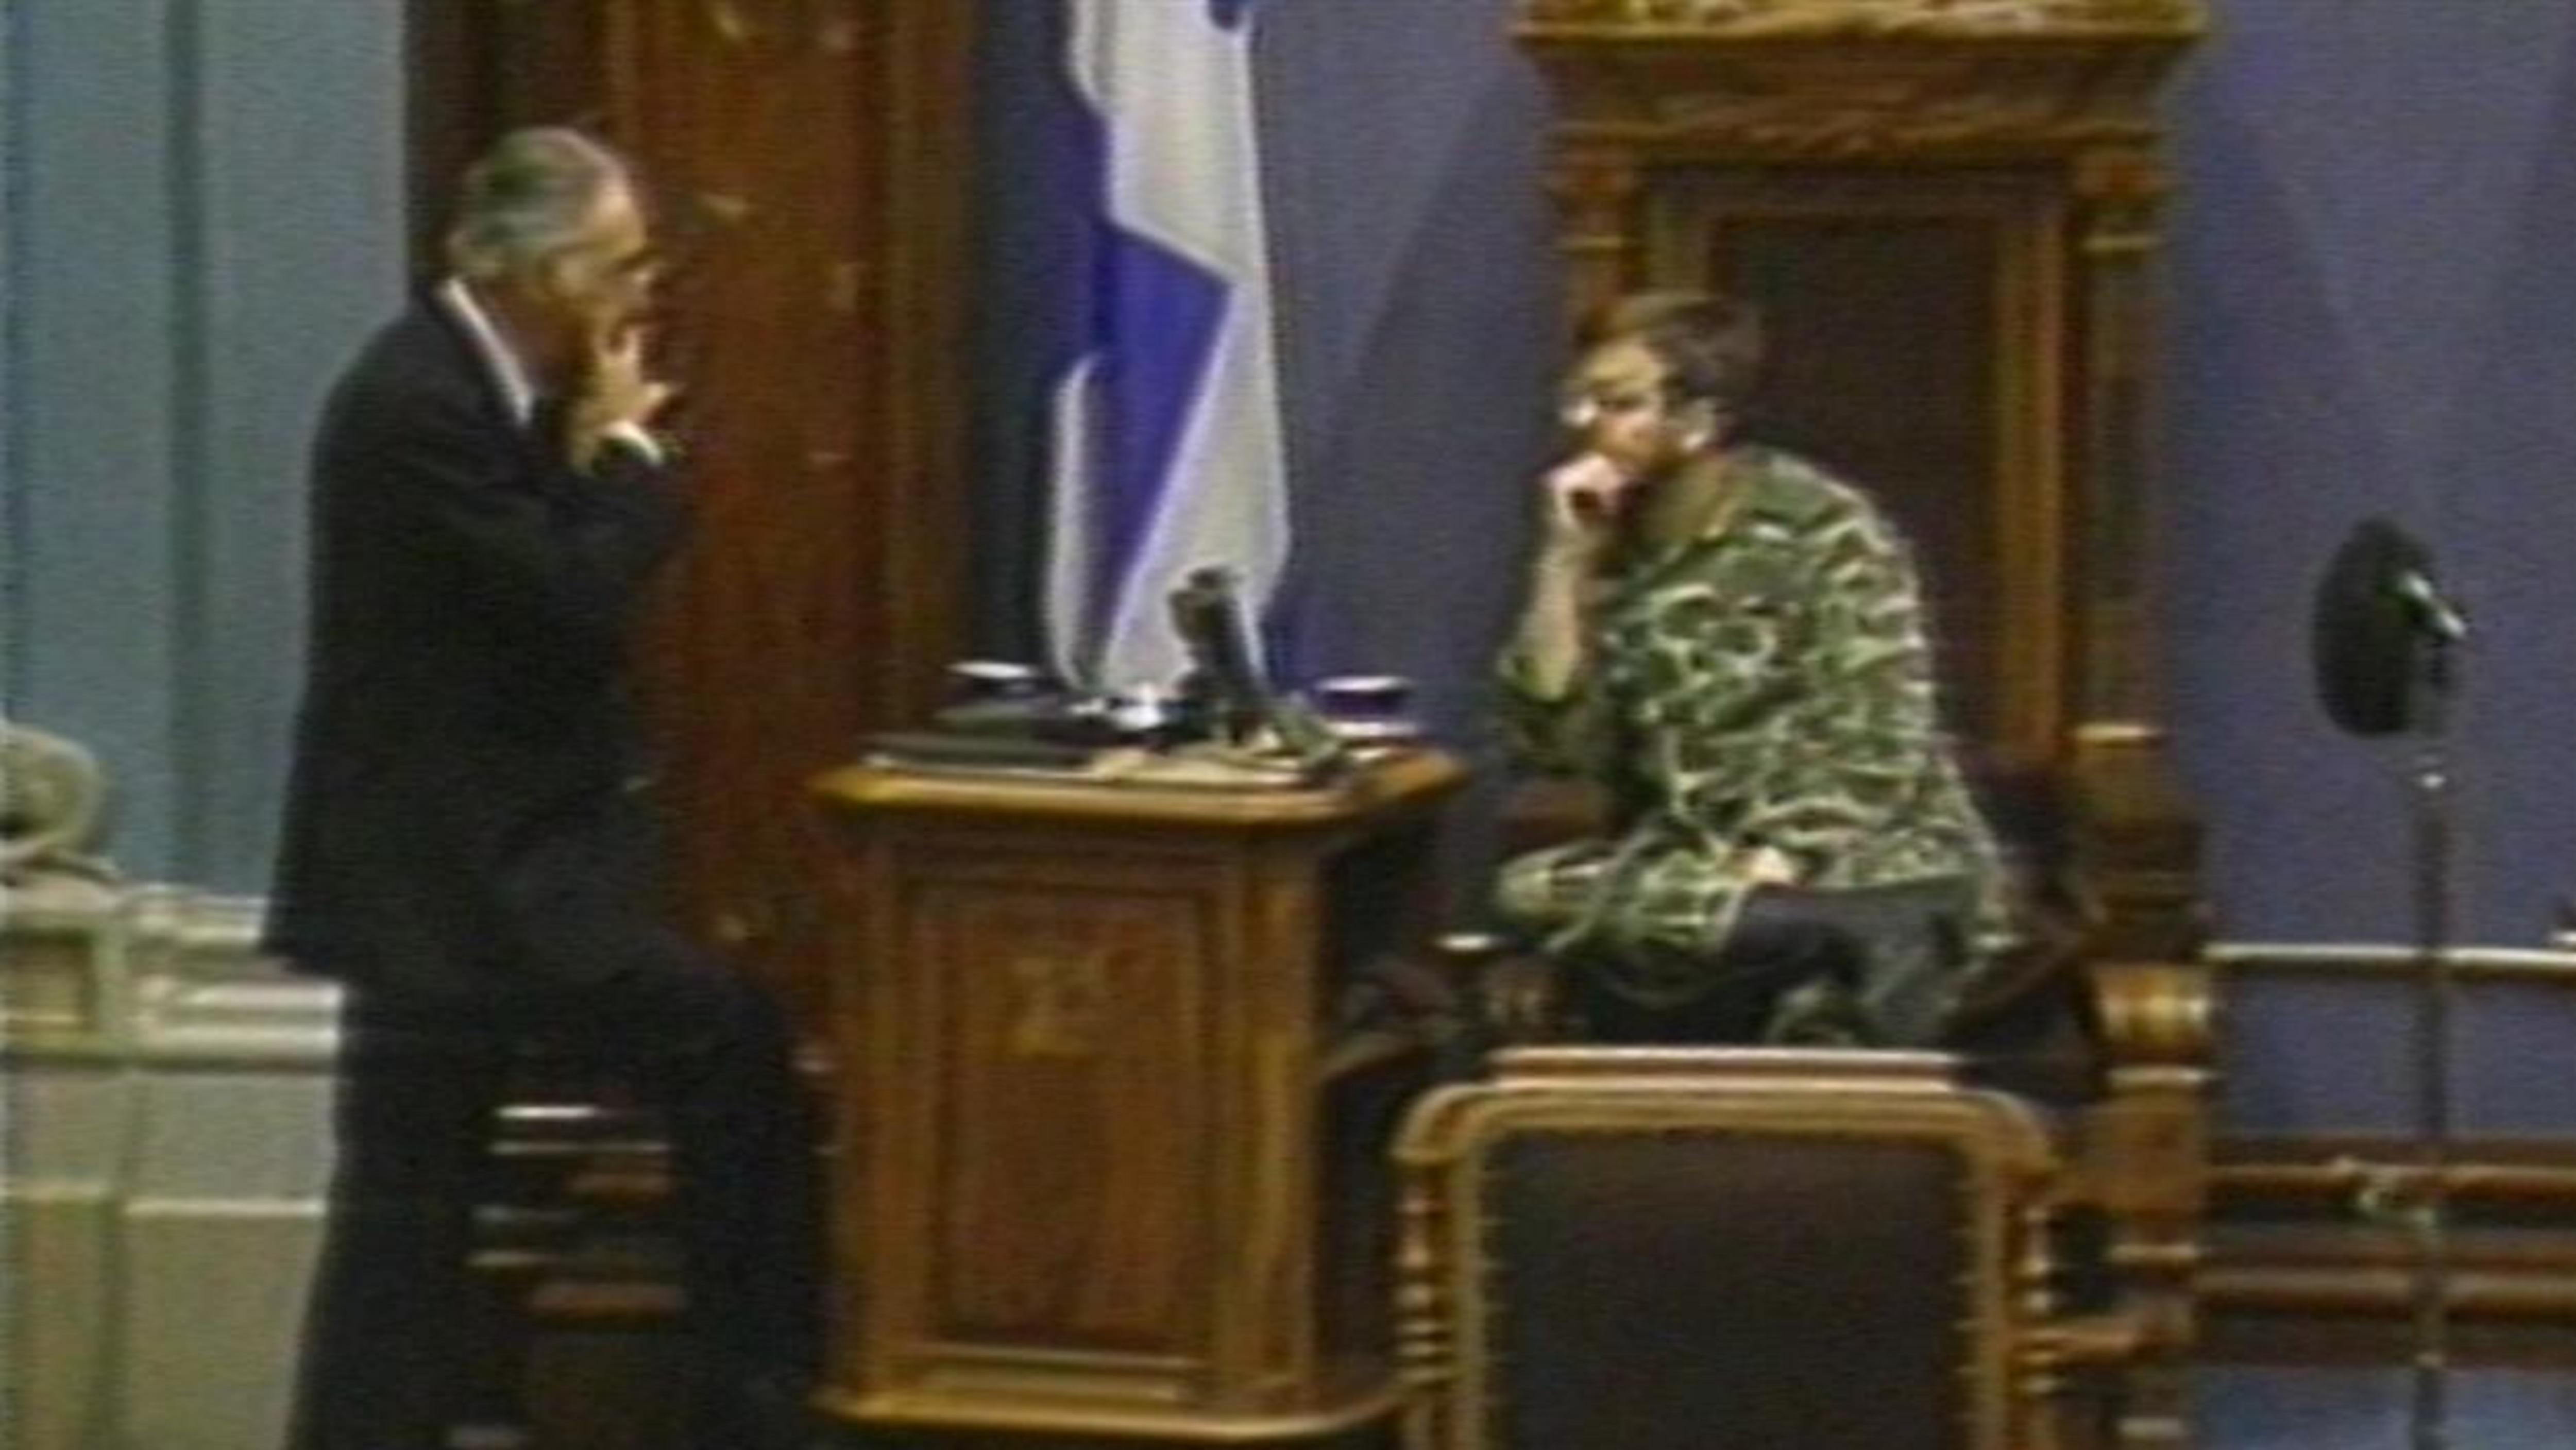 À l'Assemblée nationale du Québec, un homme discute avec un militaire qui est assis sur un trône.